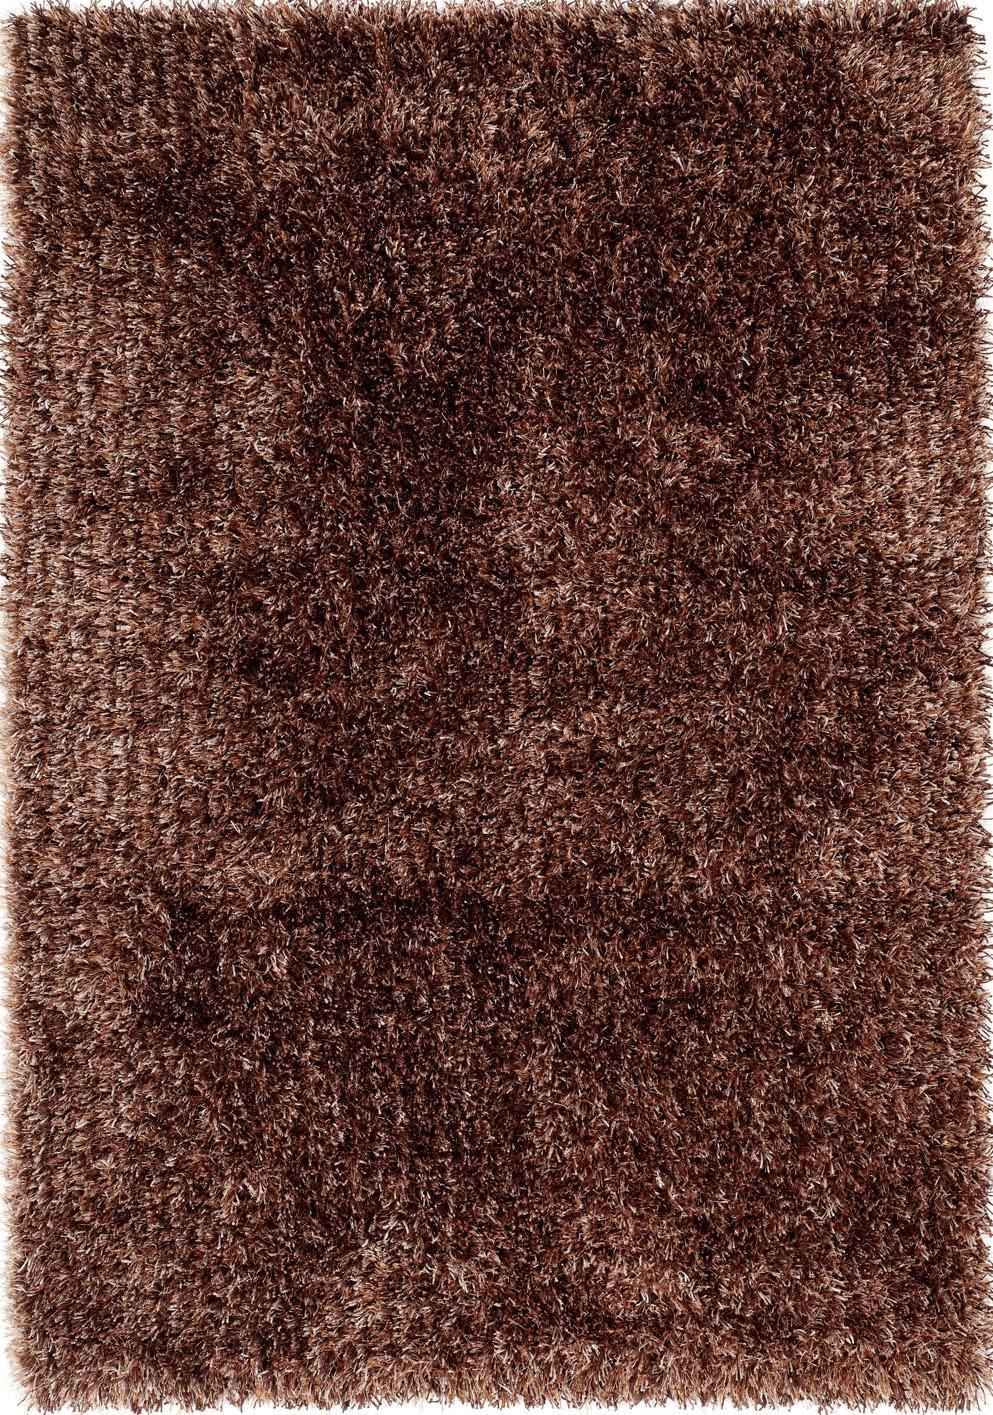 Hochflor-Teppich Rosemary Luxury OCI DIE TEPPICHMARKE rechteckig Höhe 48 mm handgetuftet